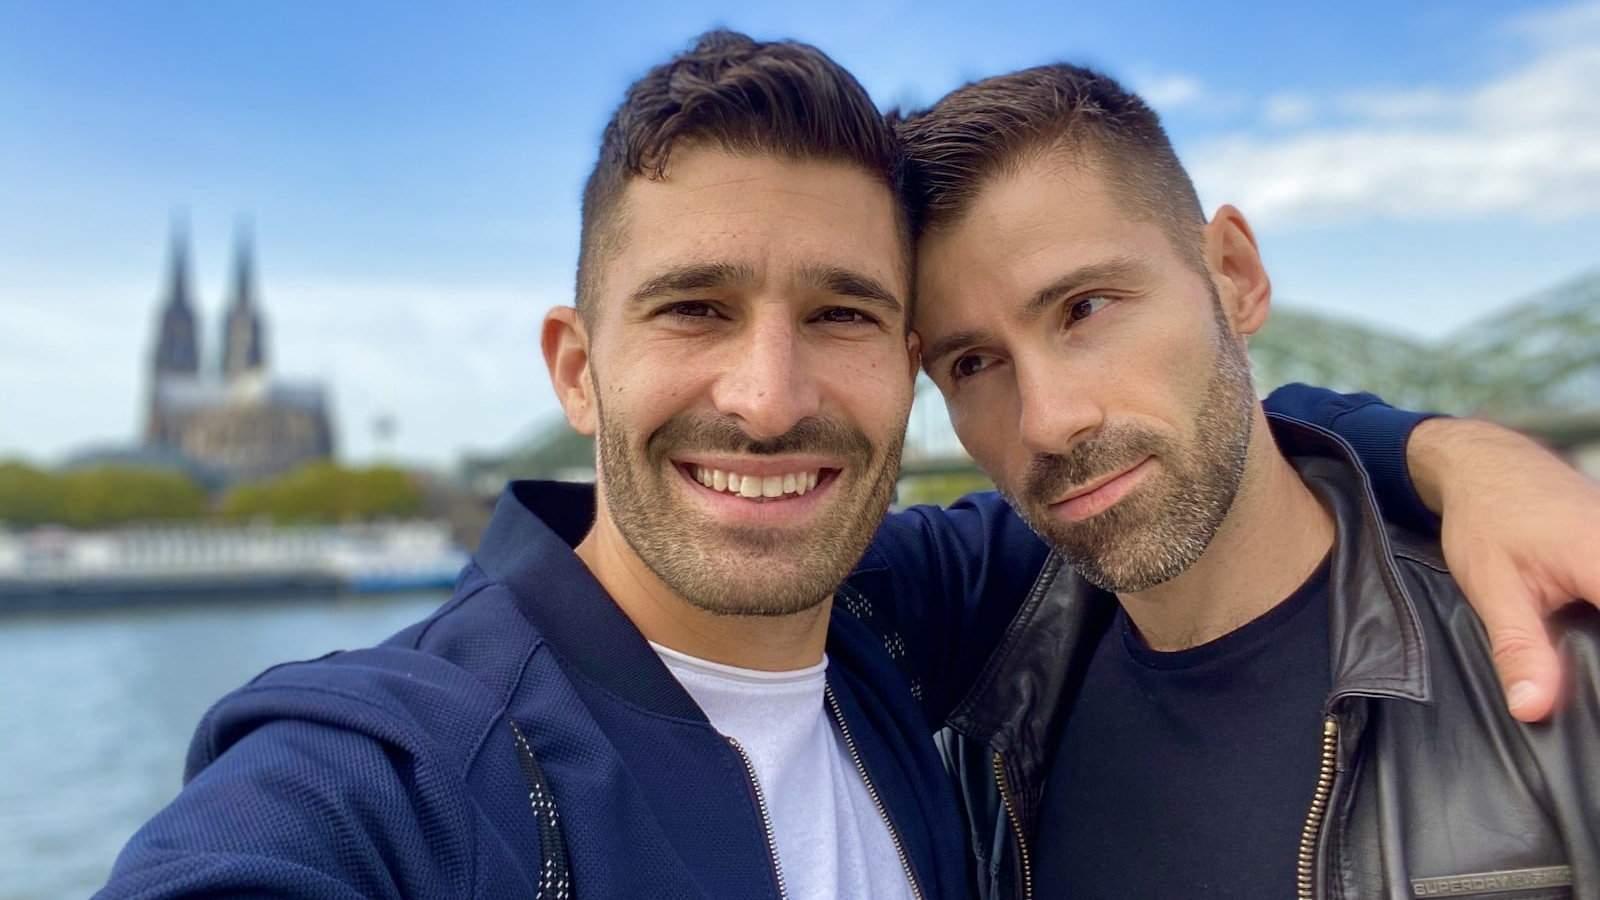 Cologne est une ville merveilleusement gay-friendly où nous ne nous sentons jamais mal à l'aise ou timides à propos des PDA